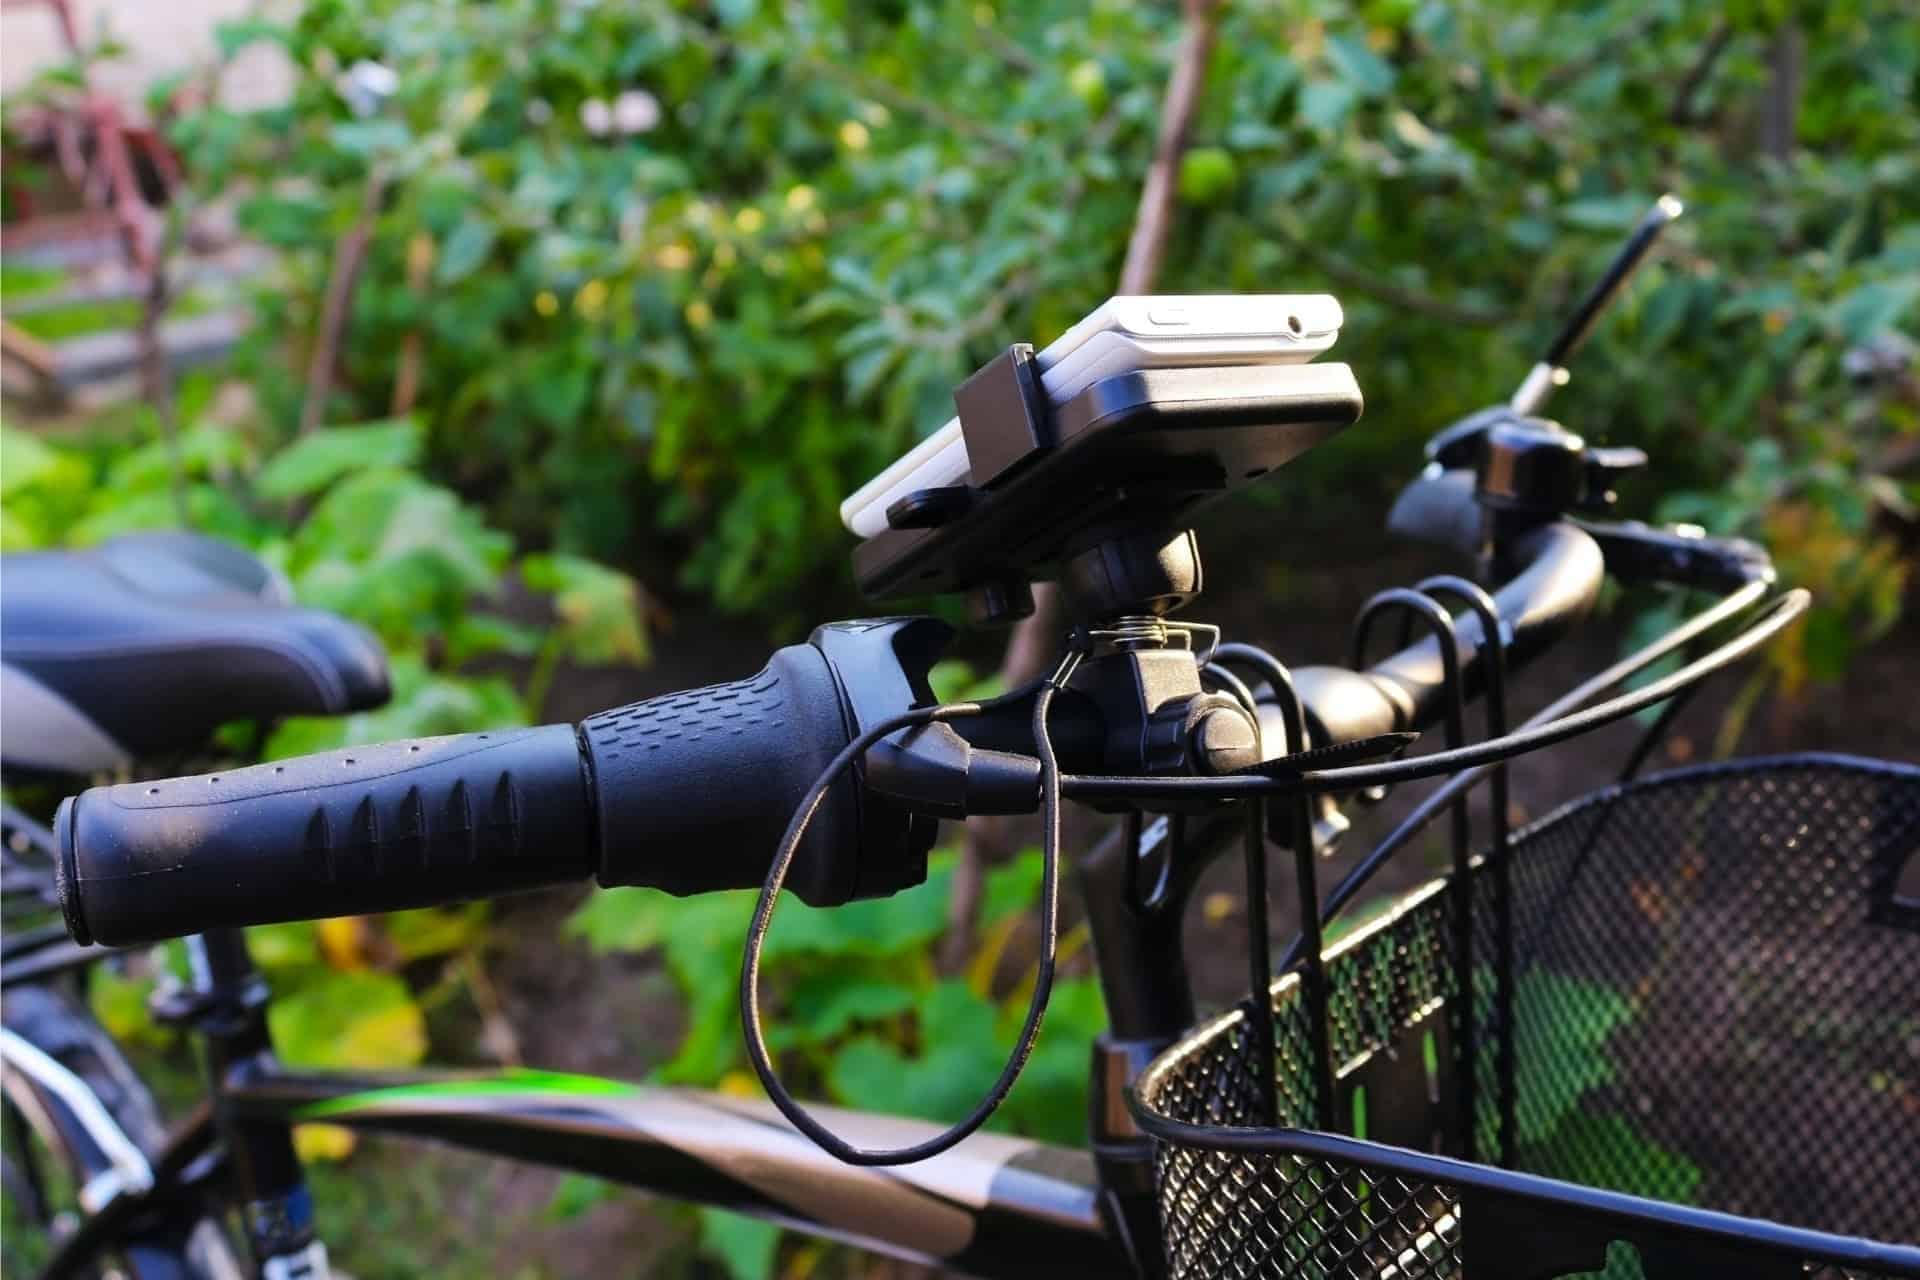 bike phone holder on a commuter bike. Hardcase